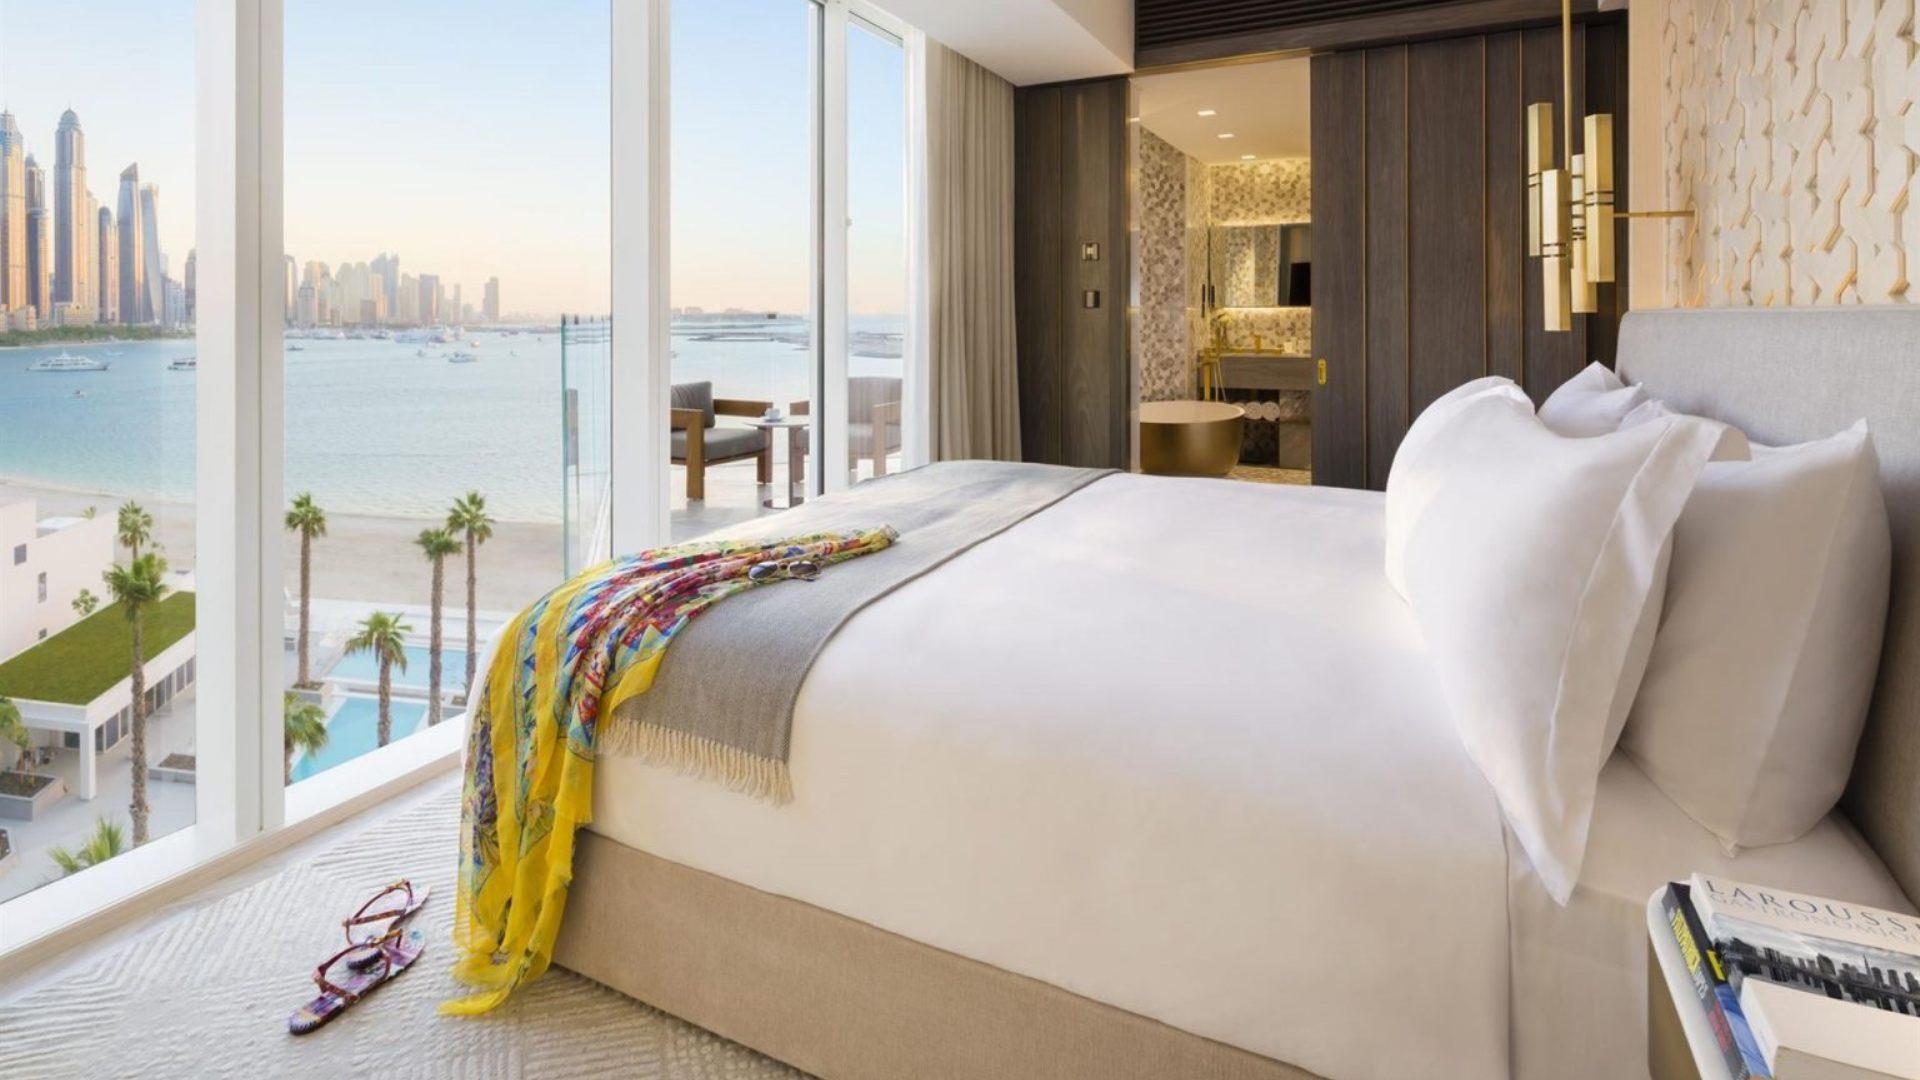 Apartamento en venta en Dubai, EAU, 1 dormitorio, 60 m2, № 24492 – foto 3